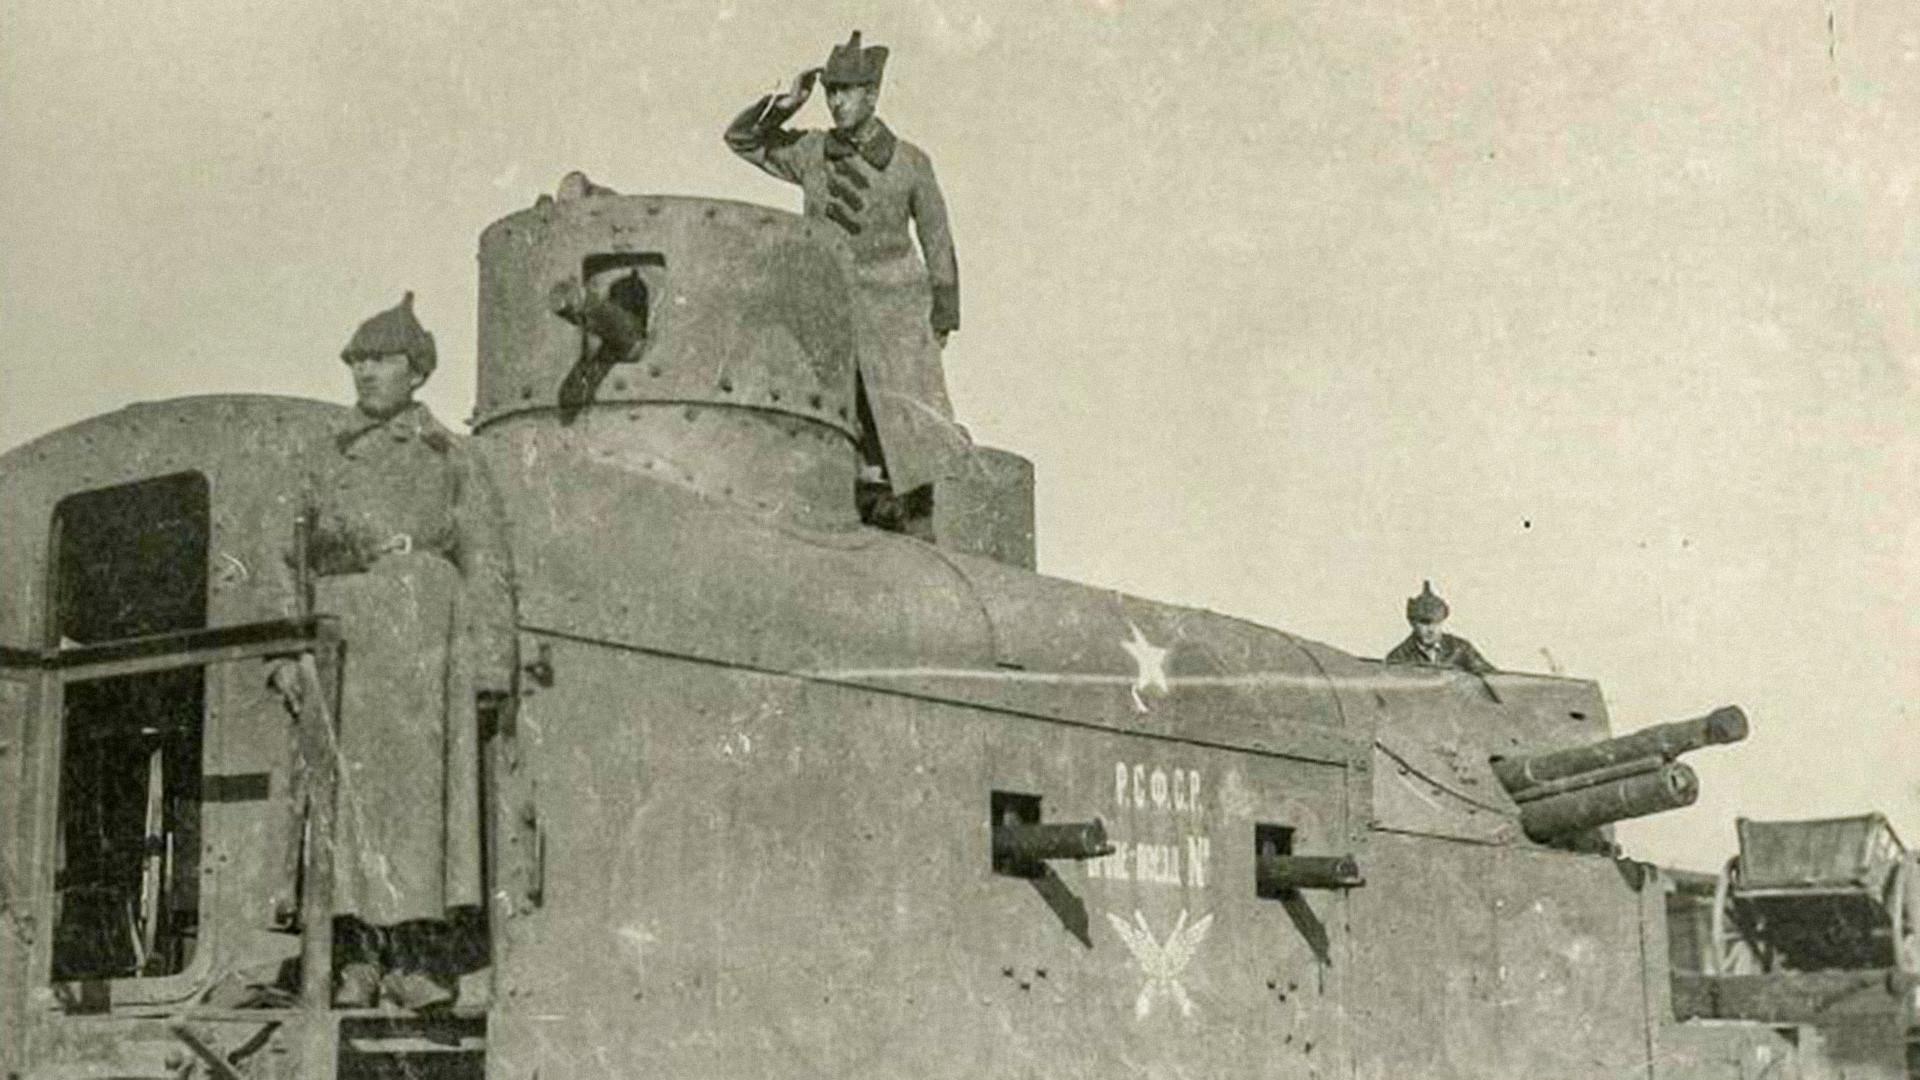 Брониран влак на Южния фронт на Червената армия по време на Гражданската война в Русия